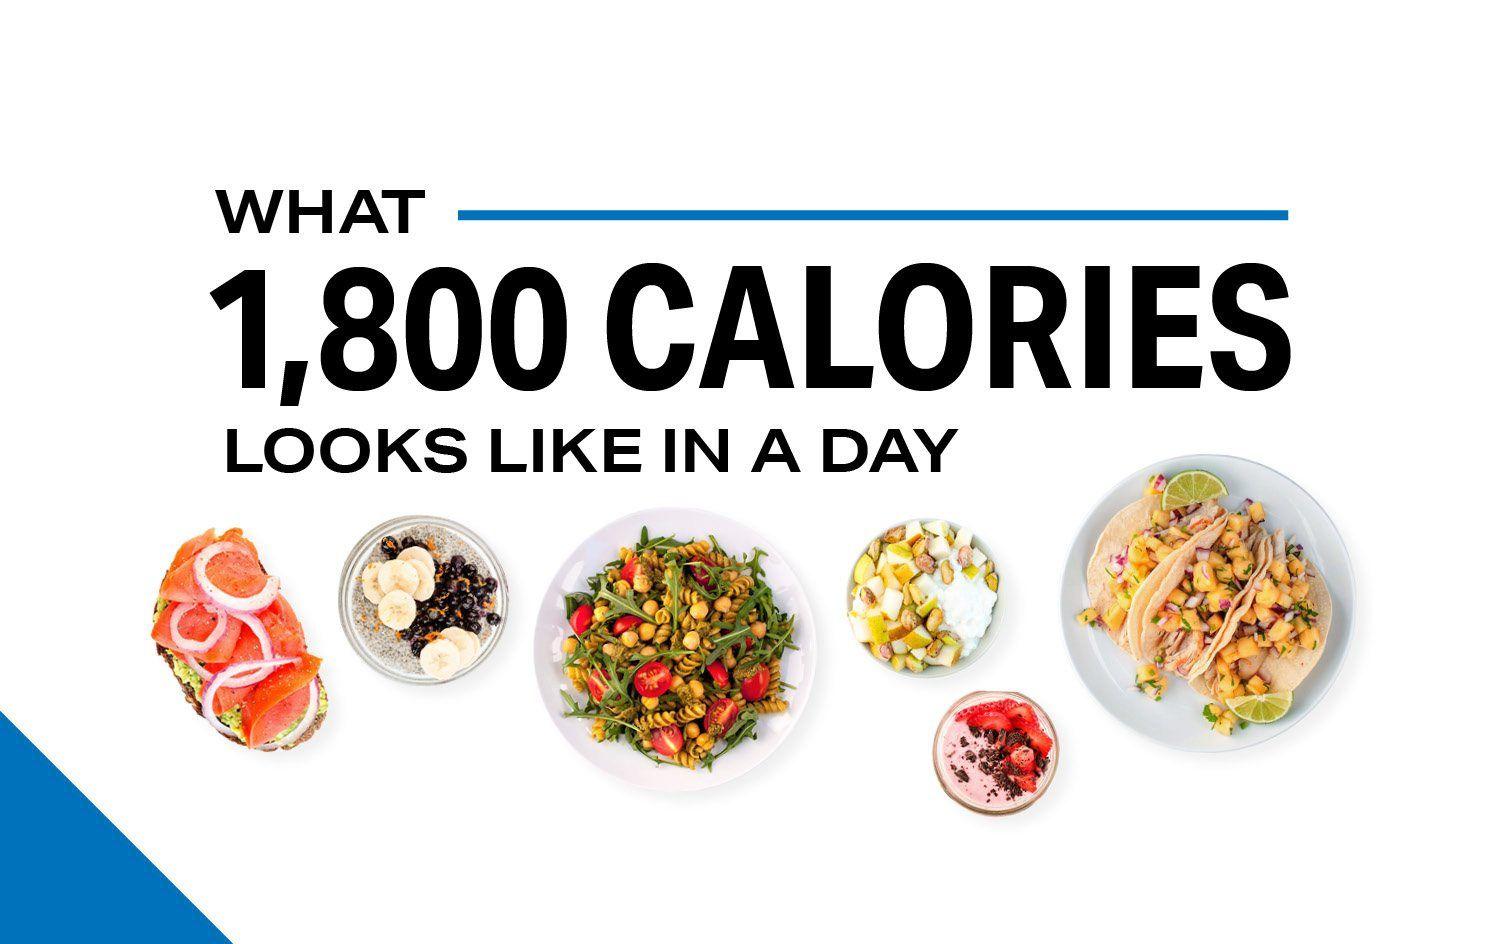 009 Fantastic Sample 1800 Calorie Meal Plan Pdf Full